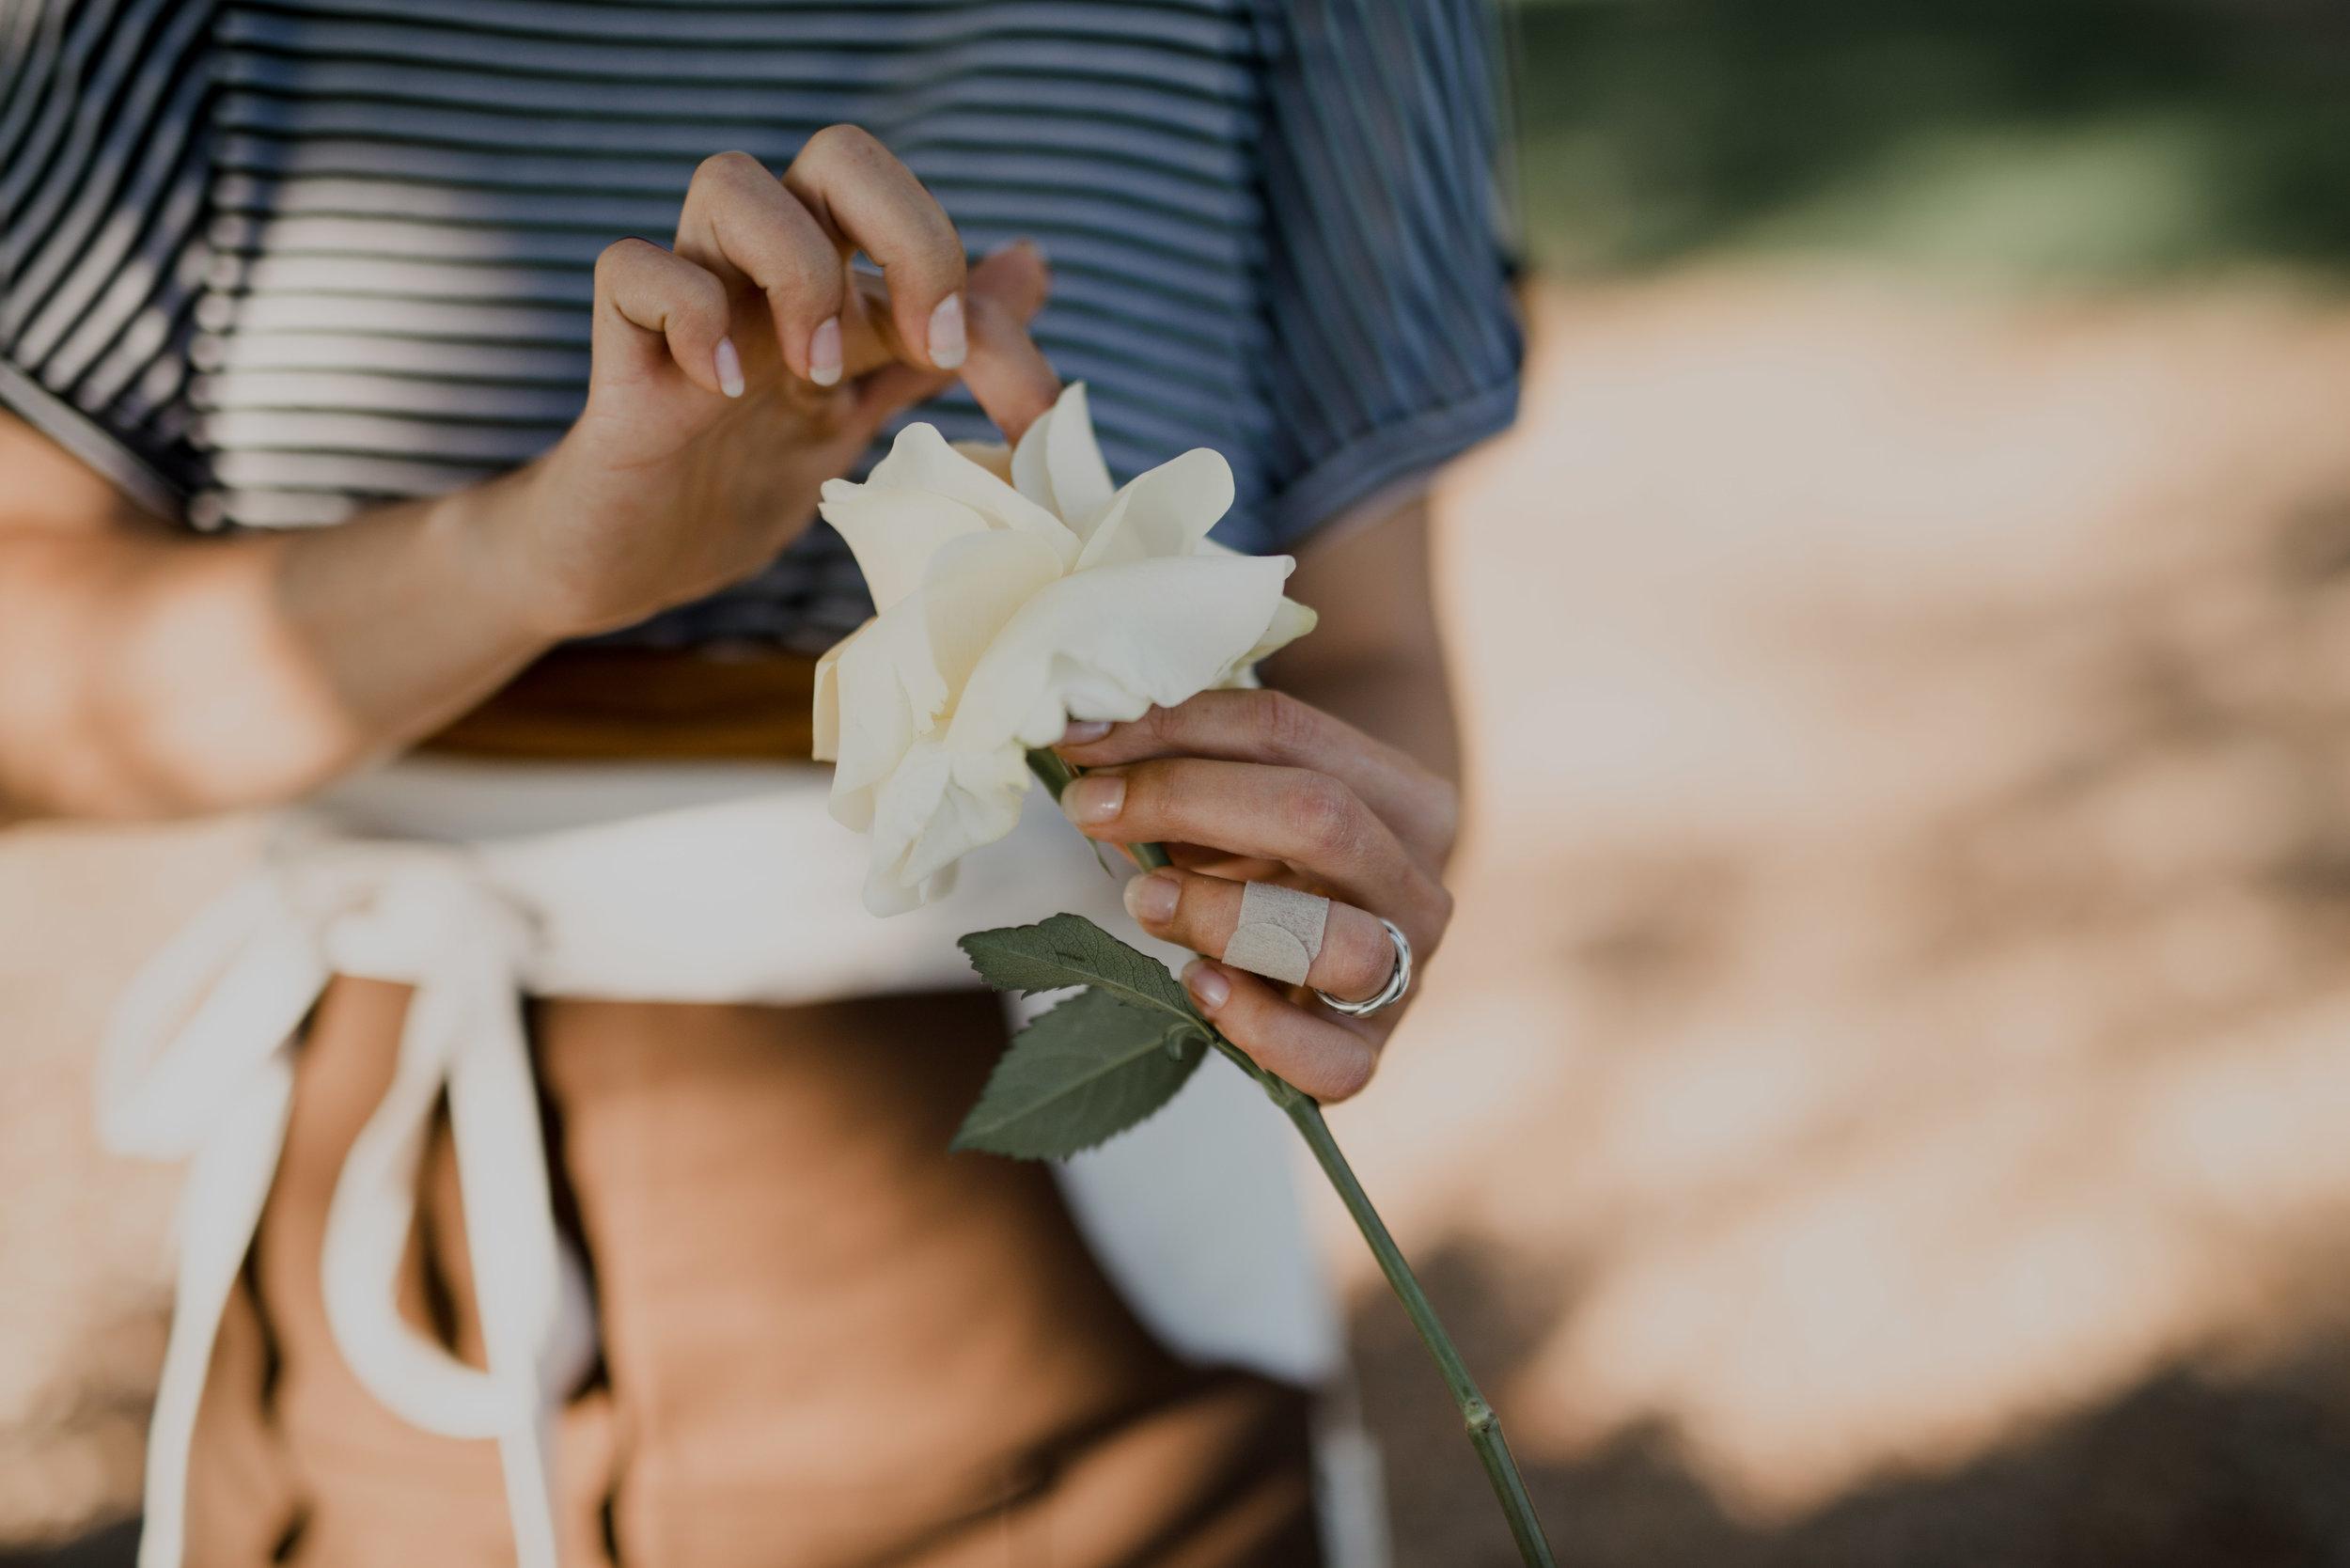 Workshop couronne de fleurssamedi 5 octobre 2019 - 16h (2h minimum) / CHF. 85.-